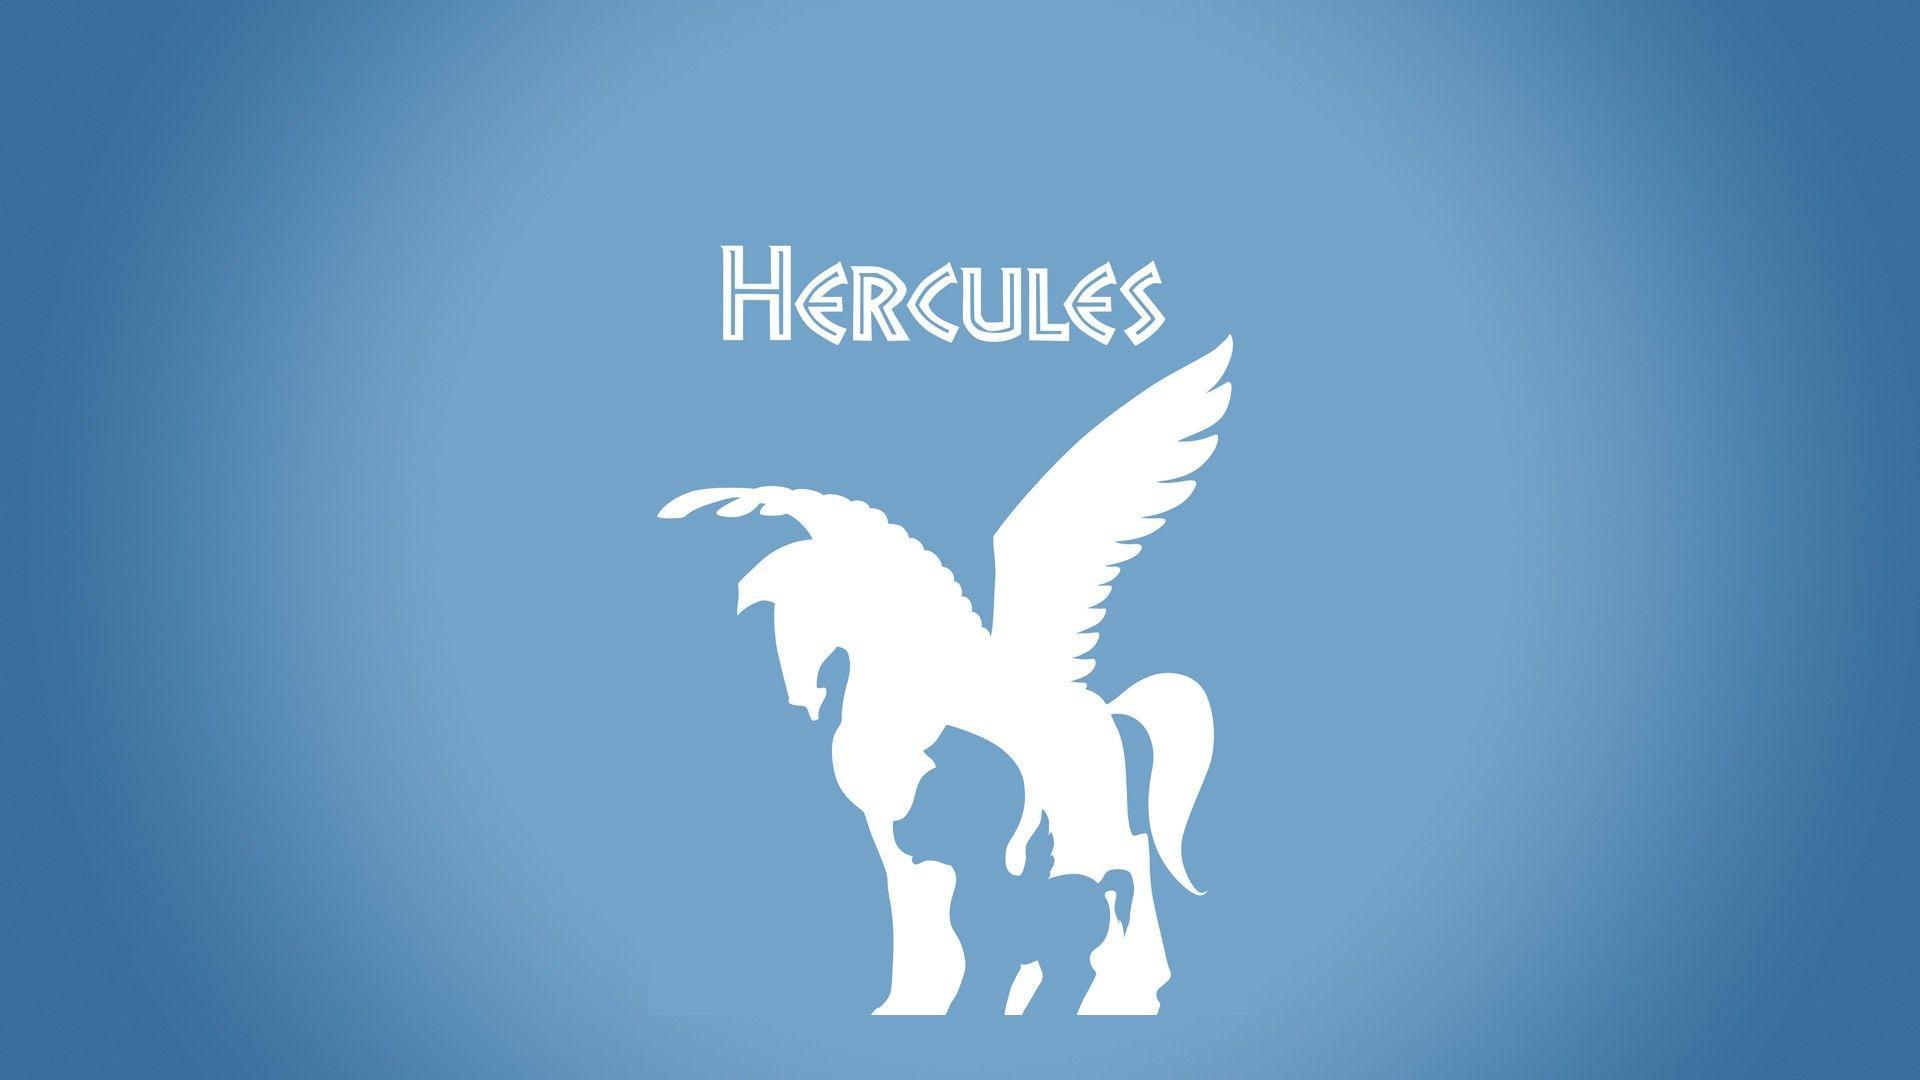 Hercules HD Wallpaper | 1920x1080 | ID:45656